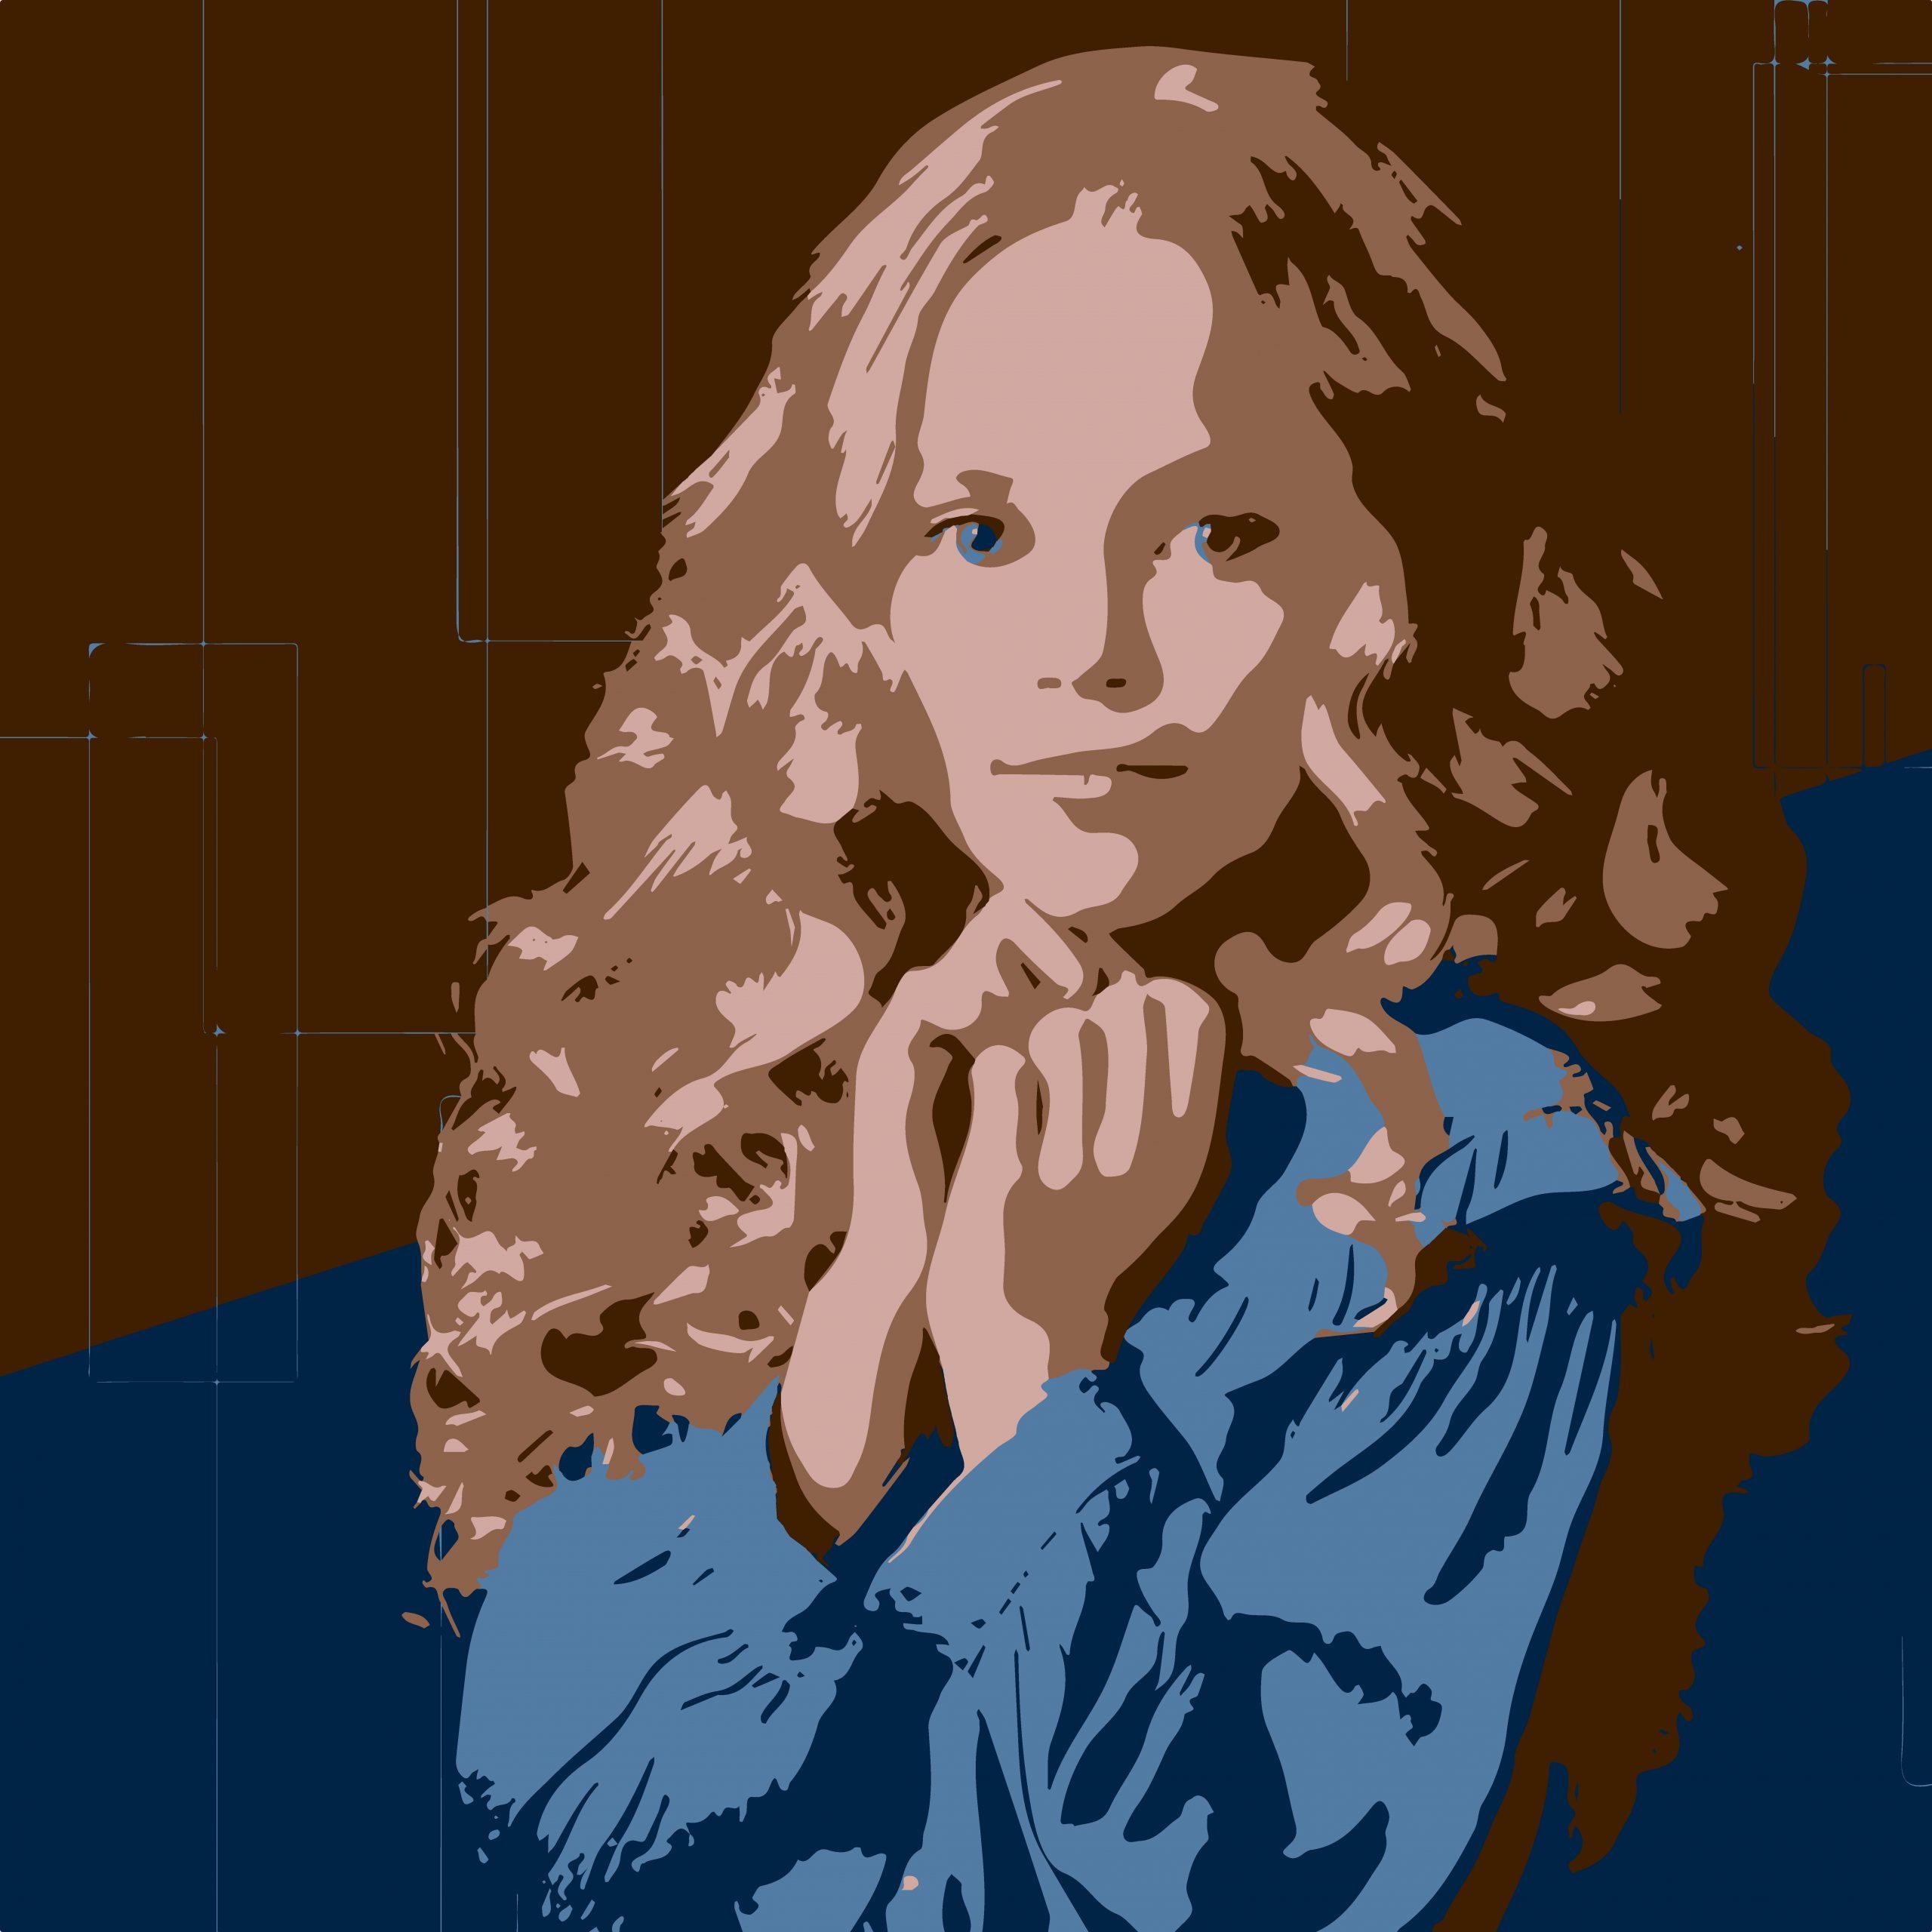 A long hair girl